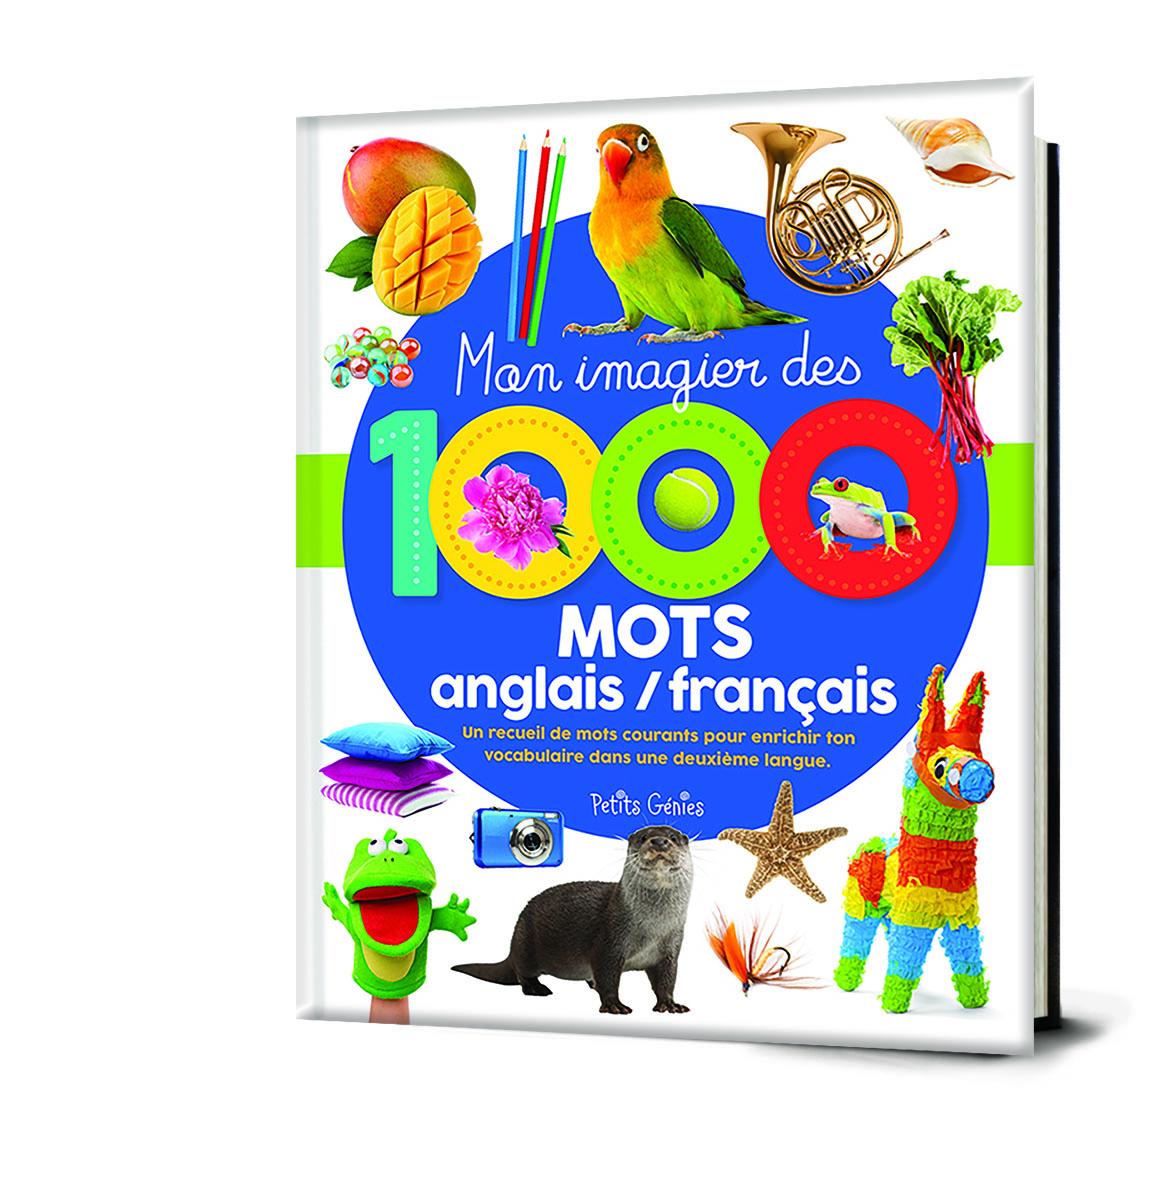 Mon imagier des 1000 mots anglais-français